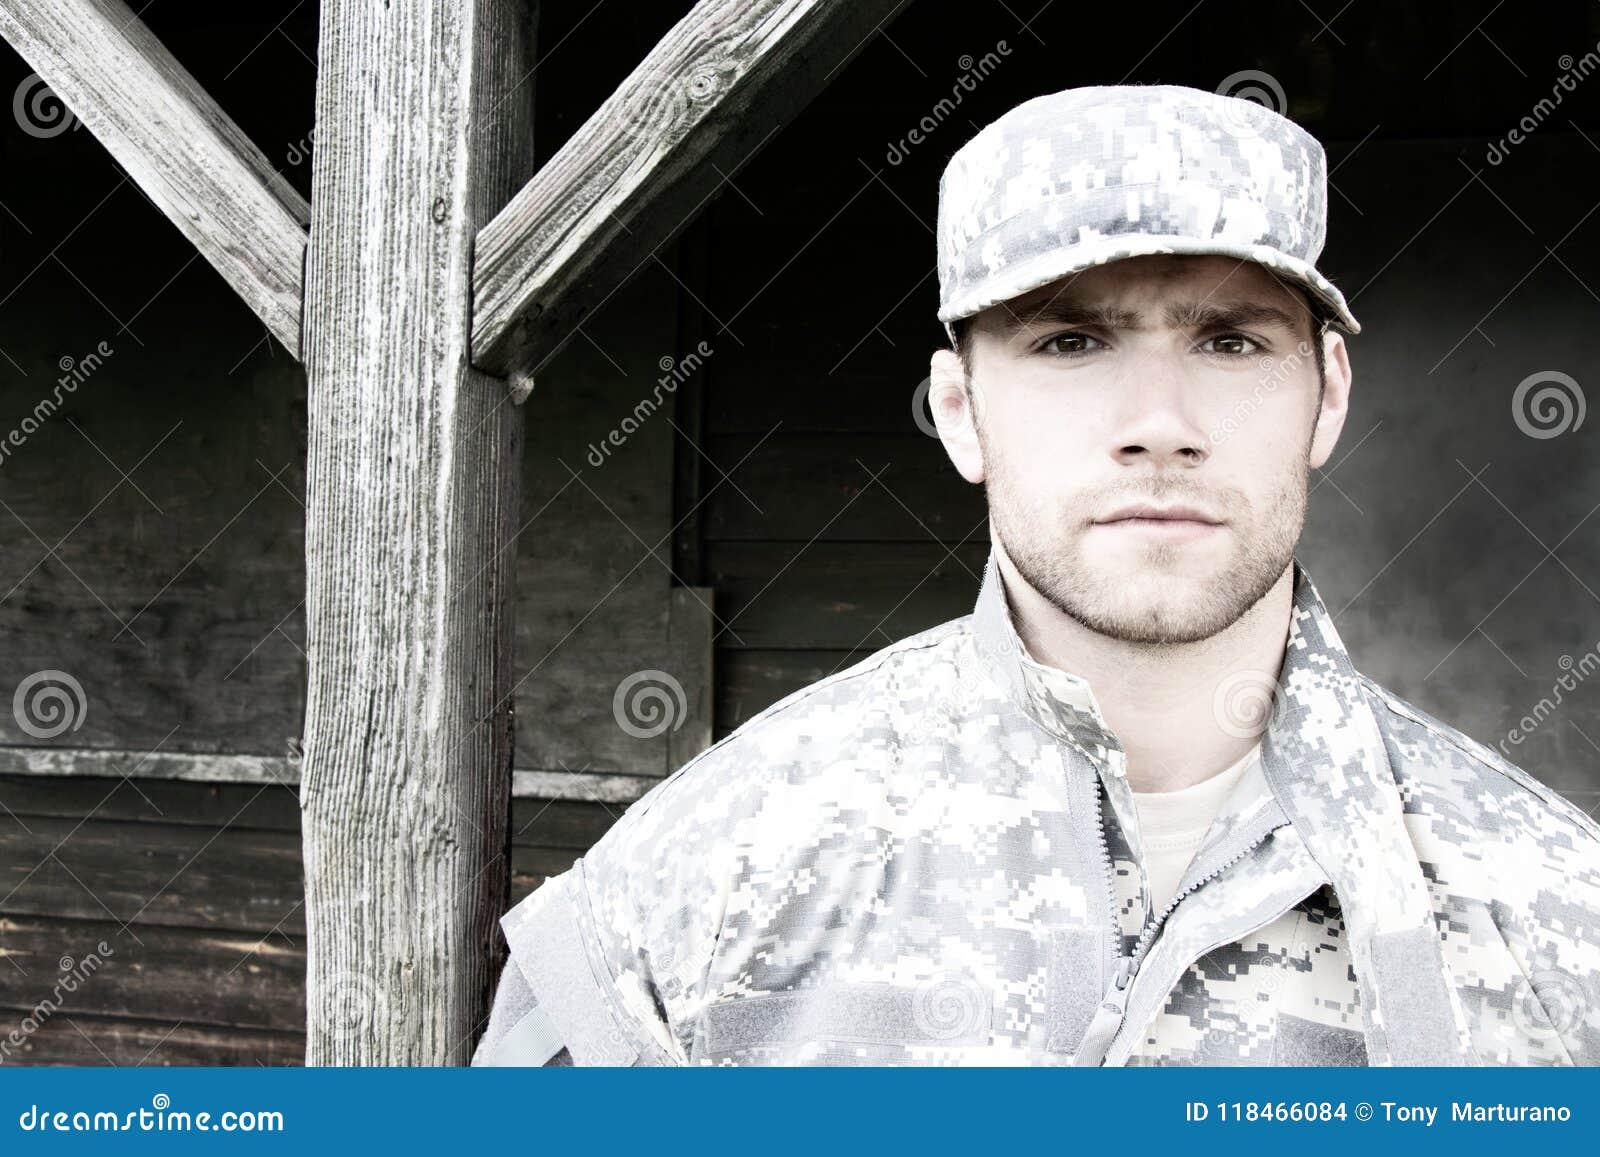 Marinesoldat, Soldat in seiner Armee ermüdet Stände zur Aufmerksamkeit am Militärstützpunkt